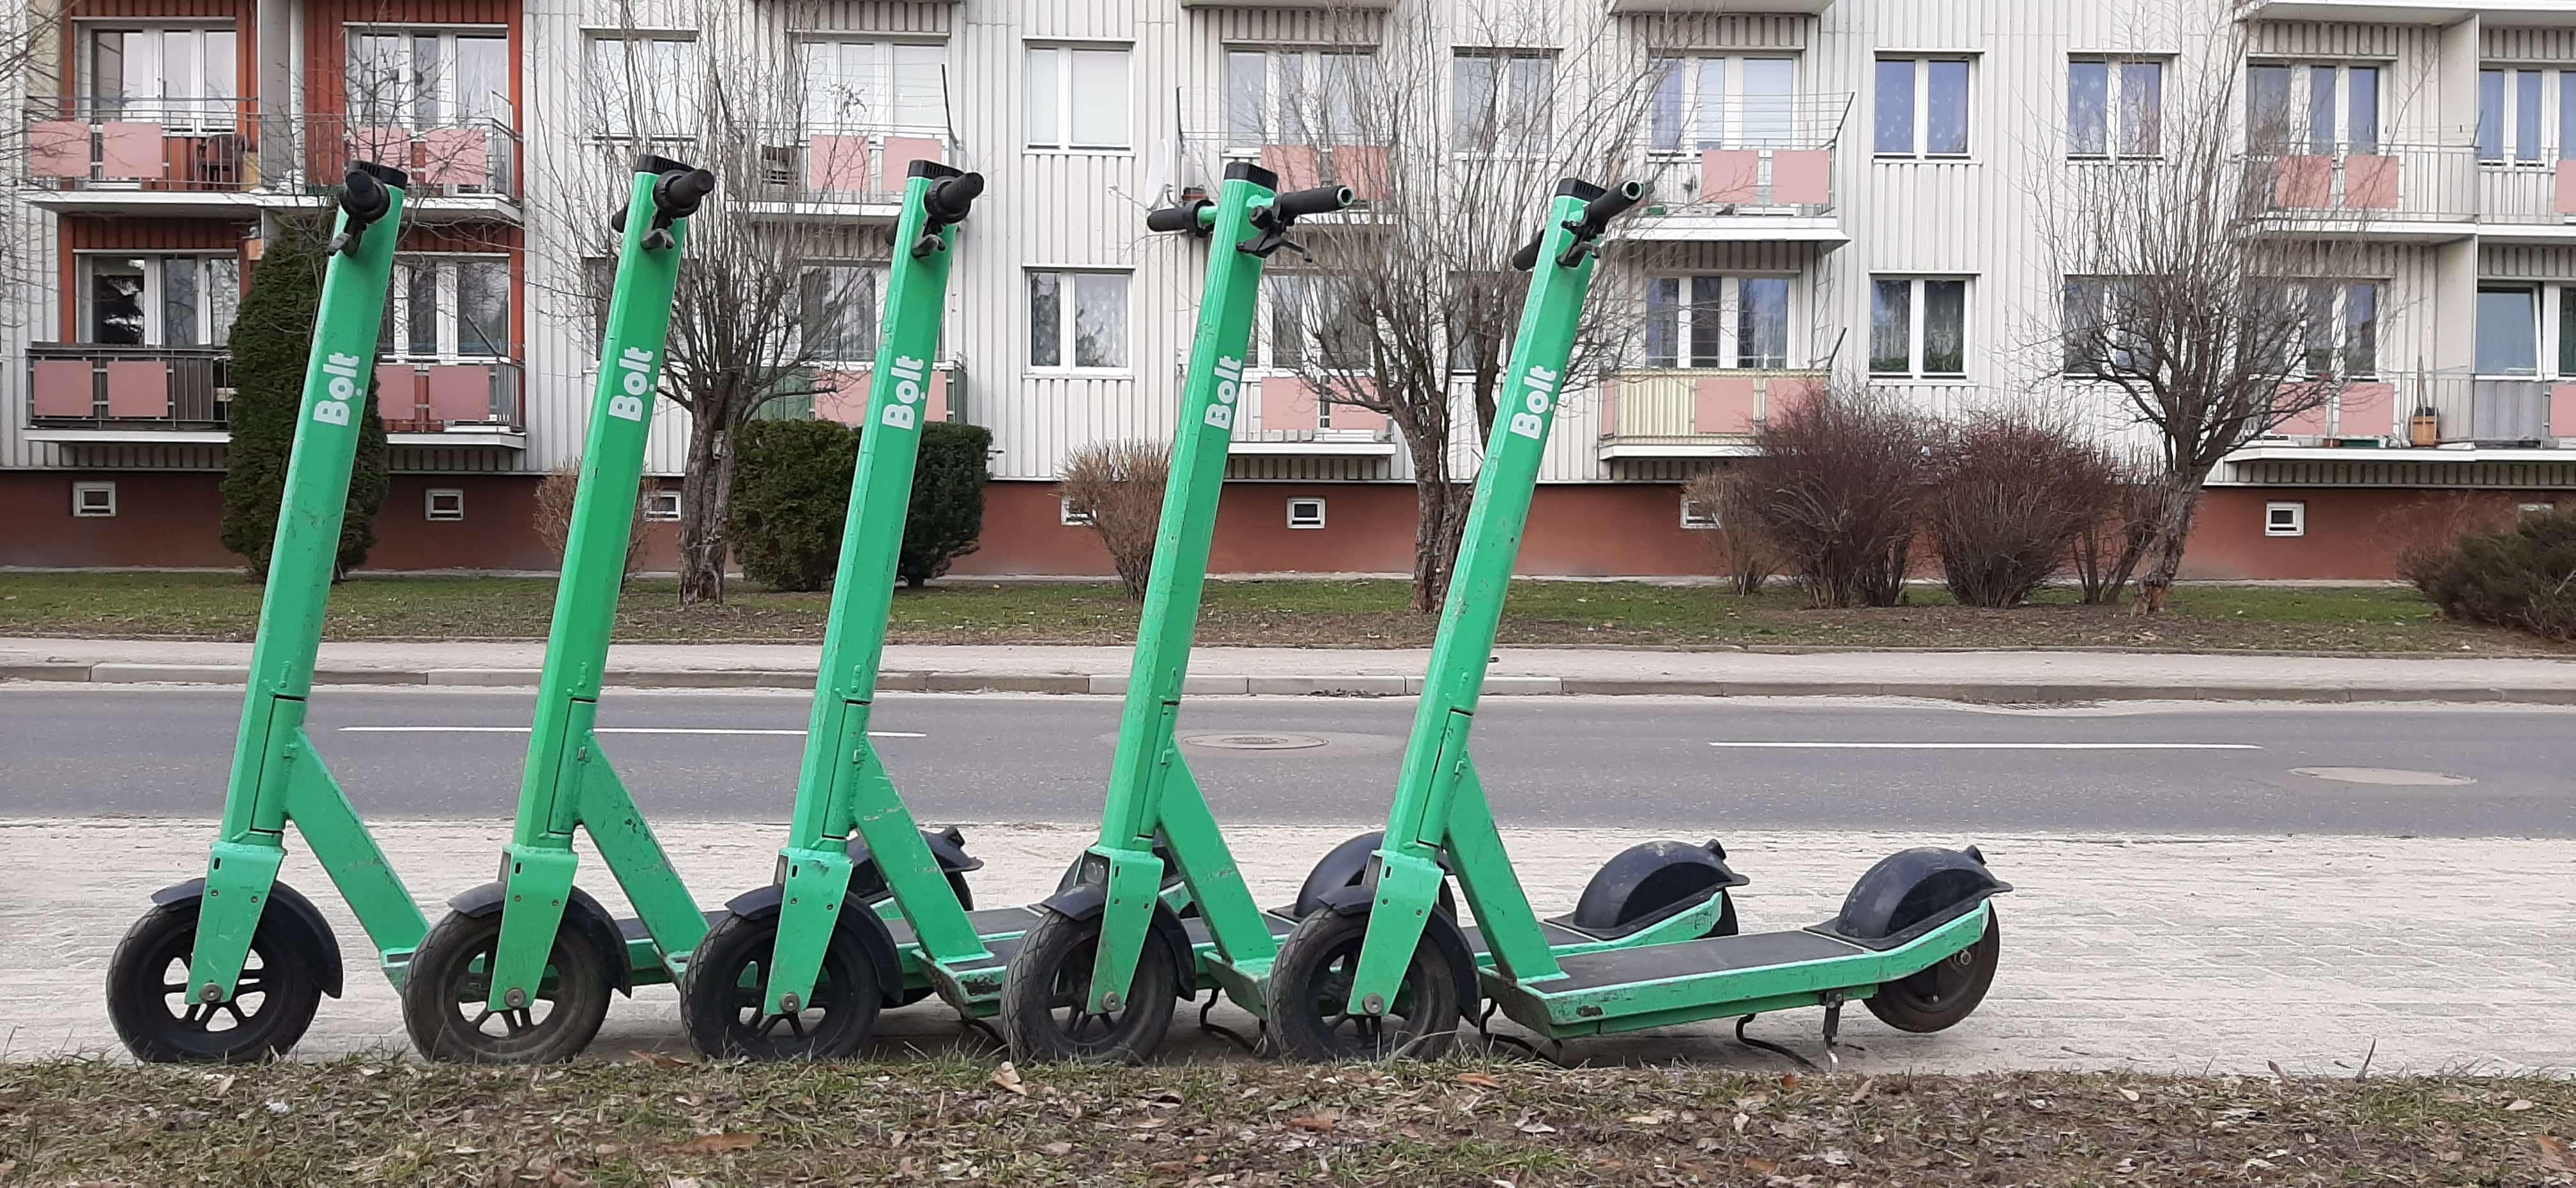 Elektryczne hulajnogi Bolt w Rzeszowie. Jak korzystać? - Zdjęcie główne